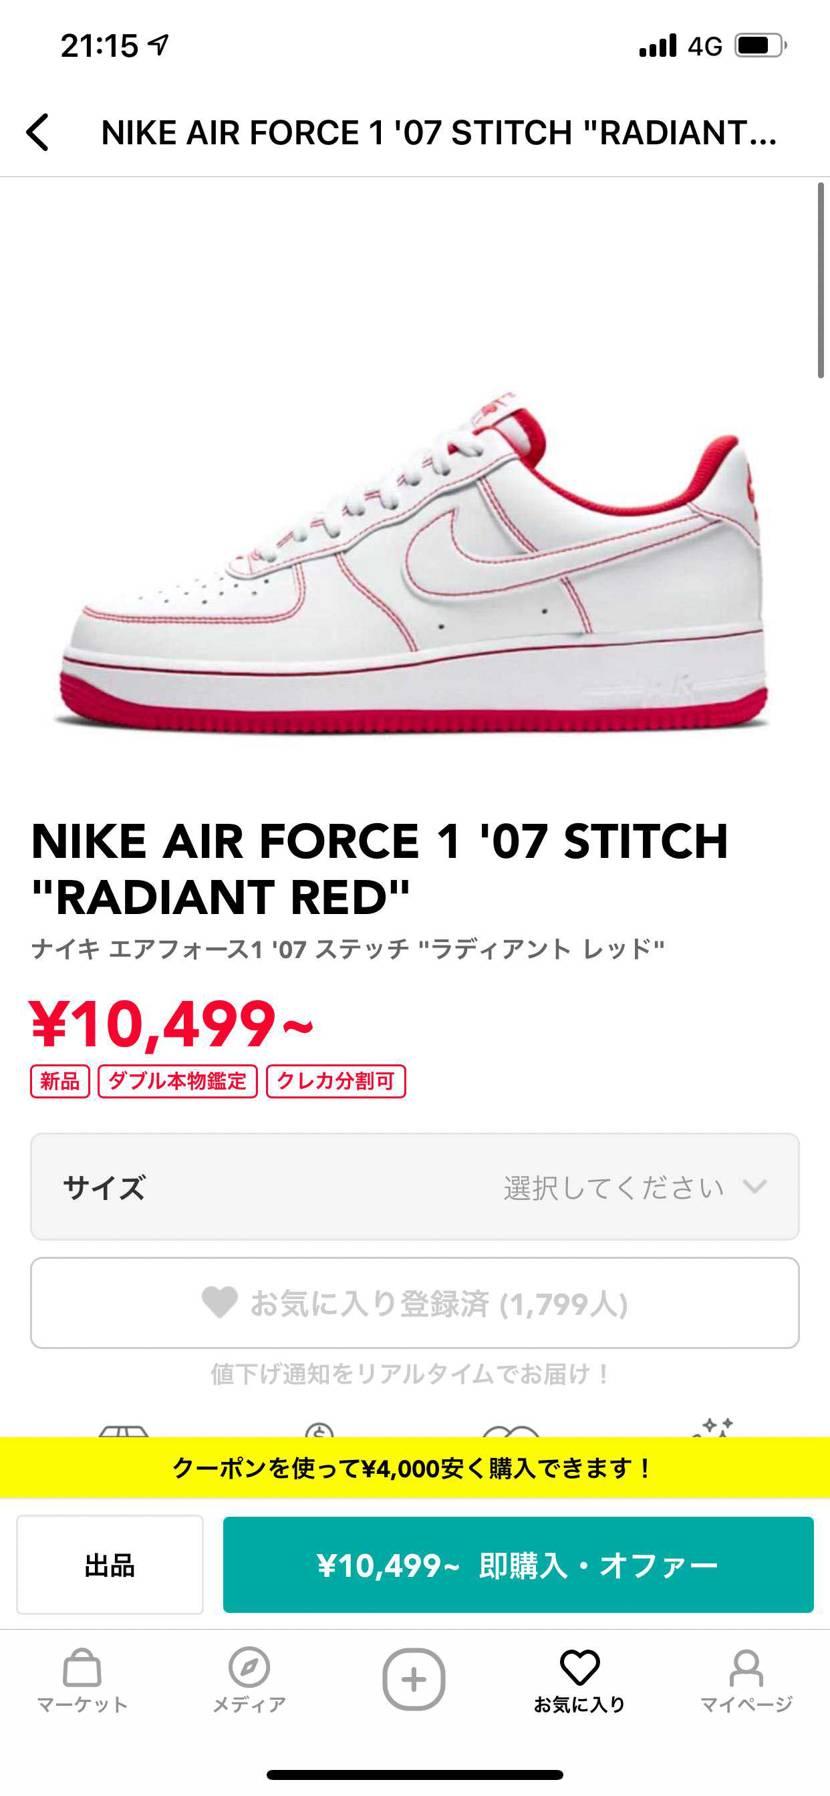 24cm10800円で出品してる方いたらコメントください‼︎